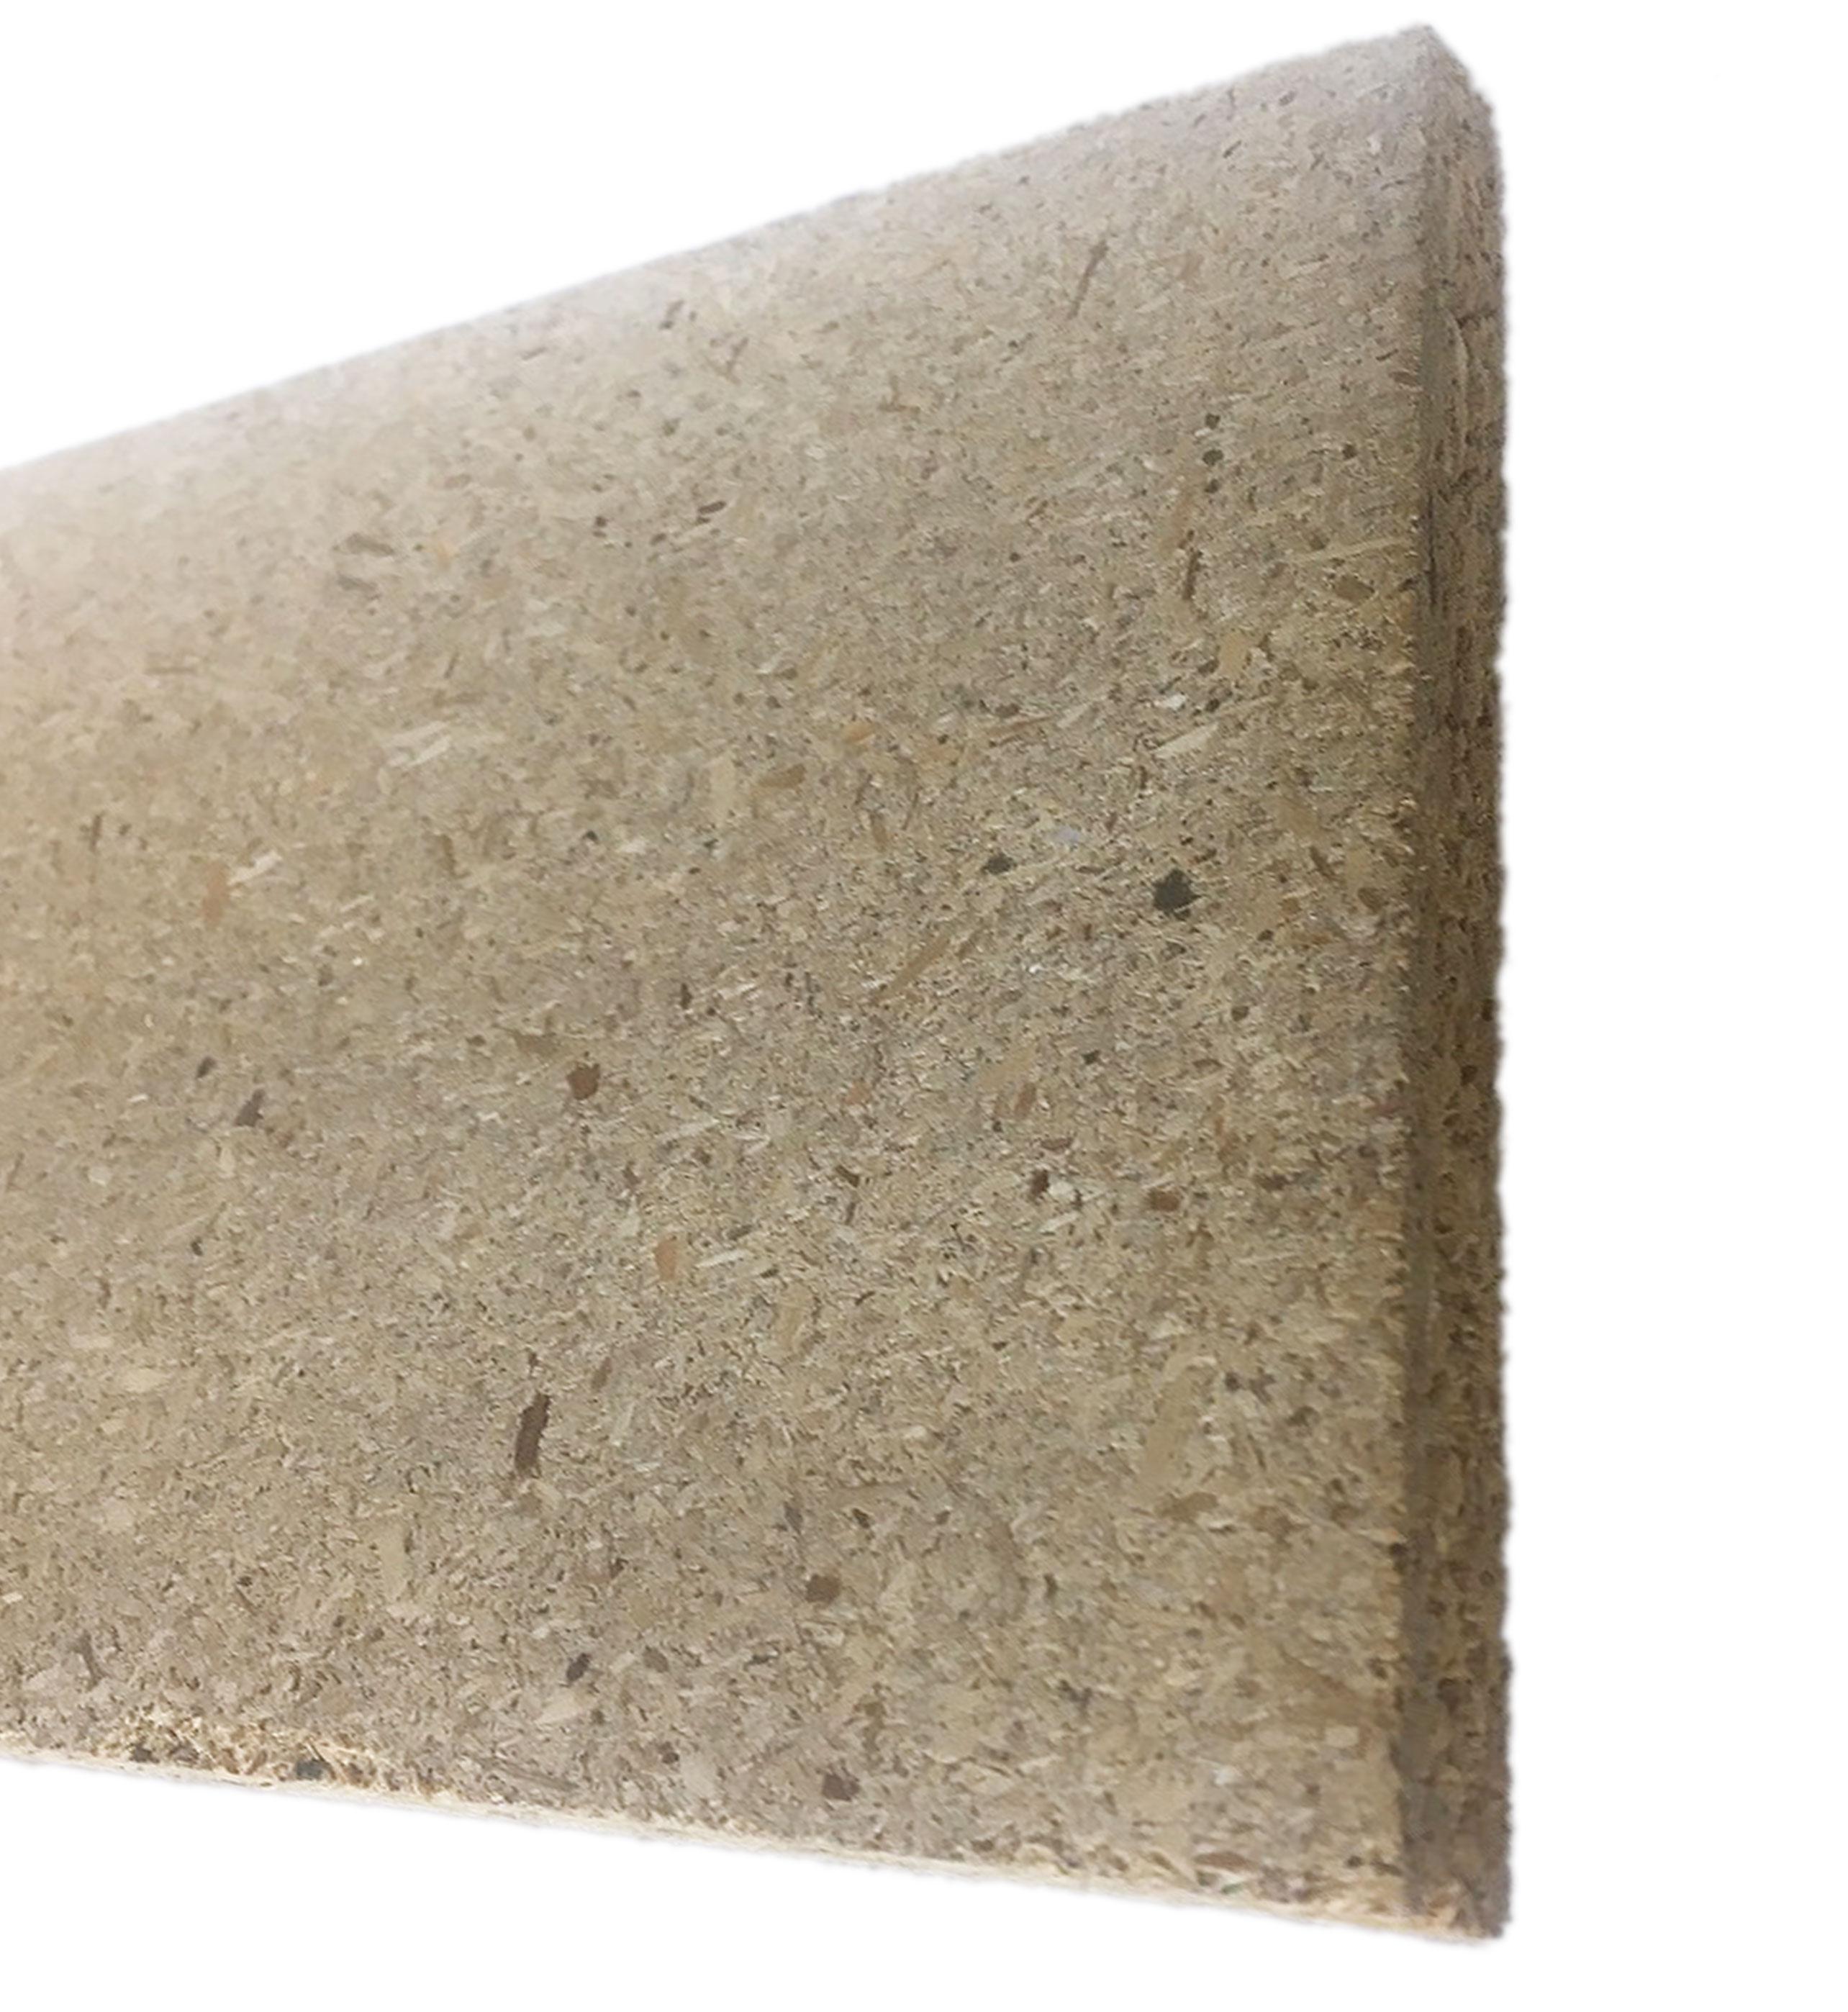 Plinthe de haute qualite - Plinthe agglomeree 145x1x2400 brut